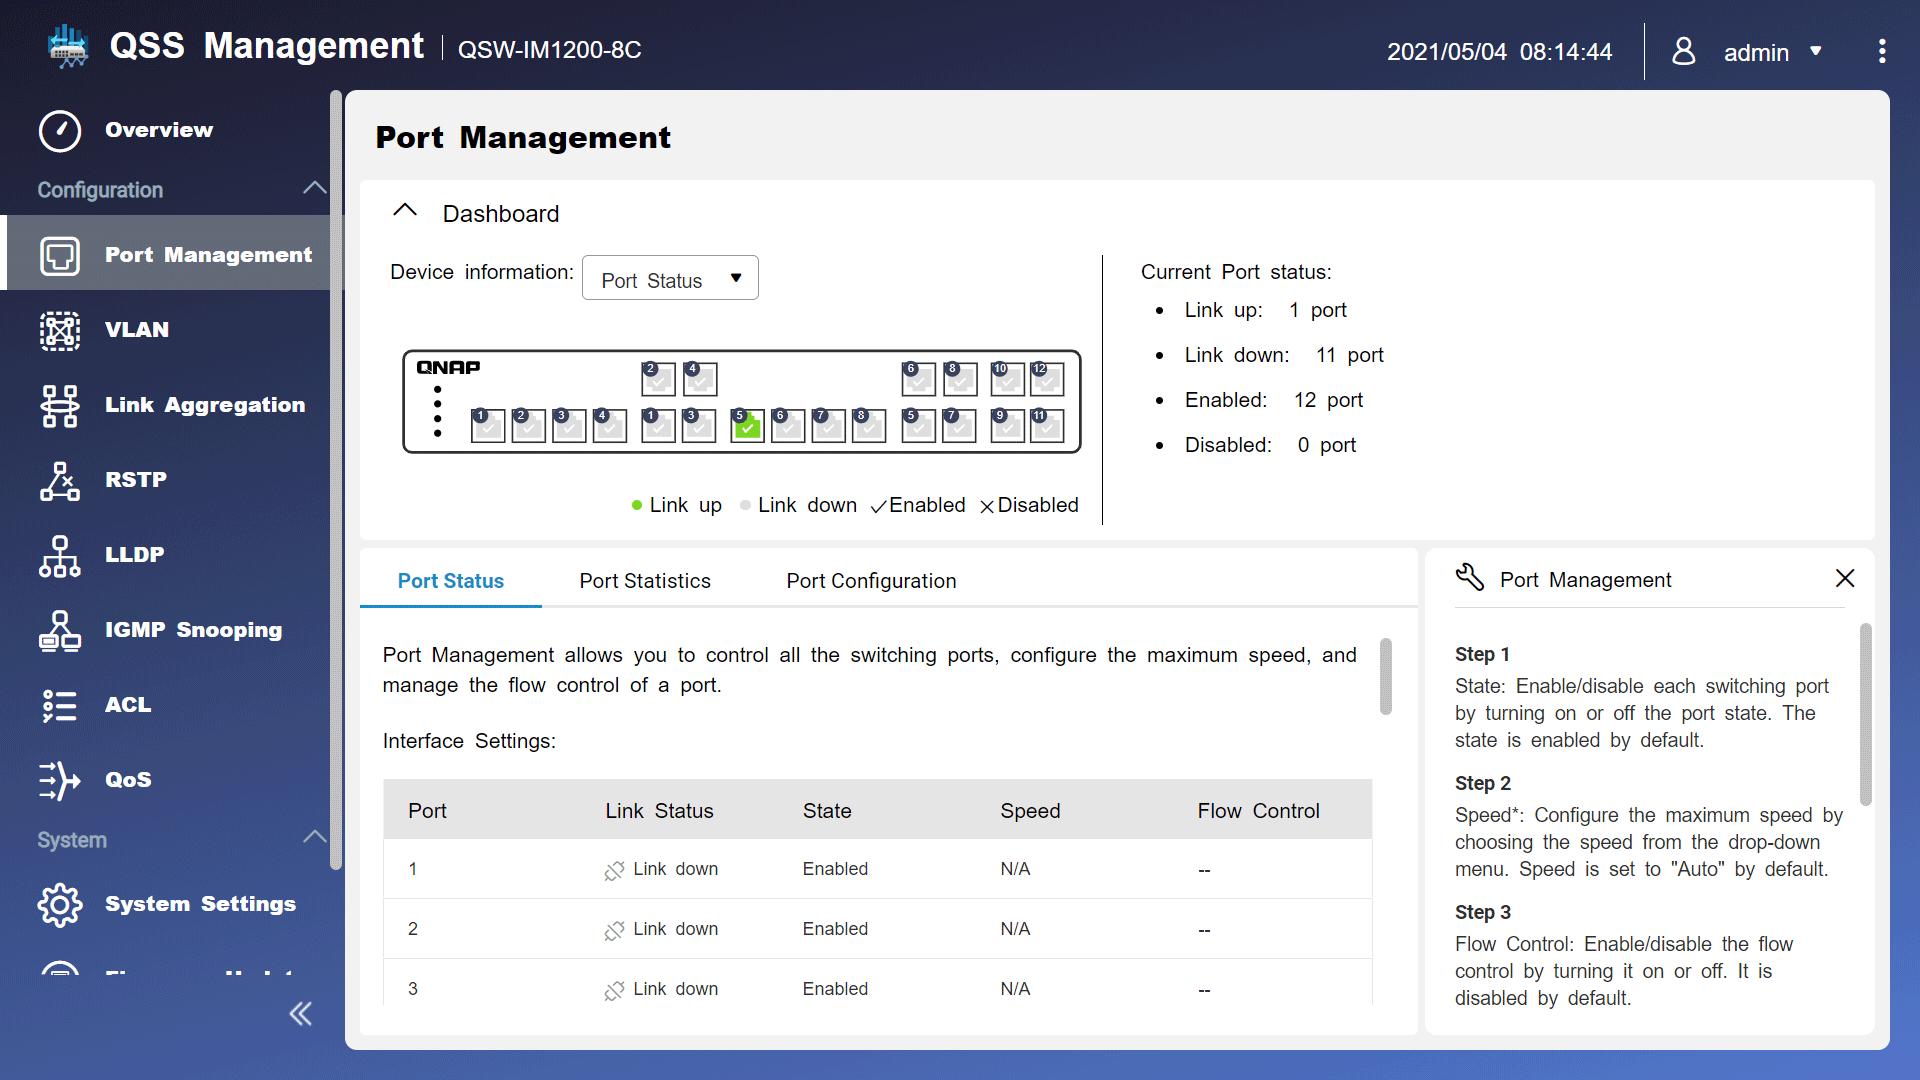 qsw-im1200-8c_qss-management_03.png